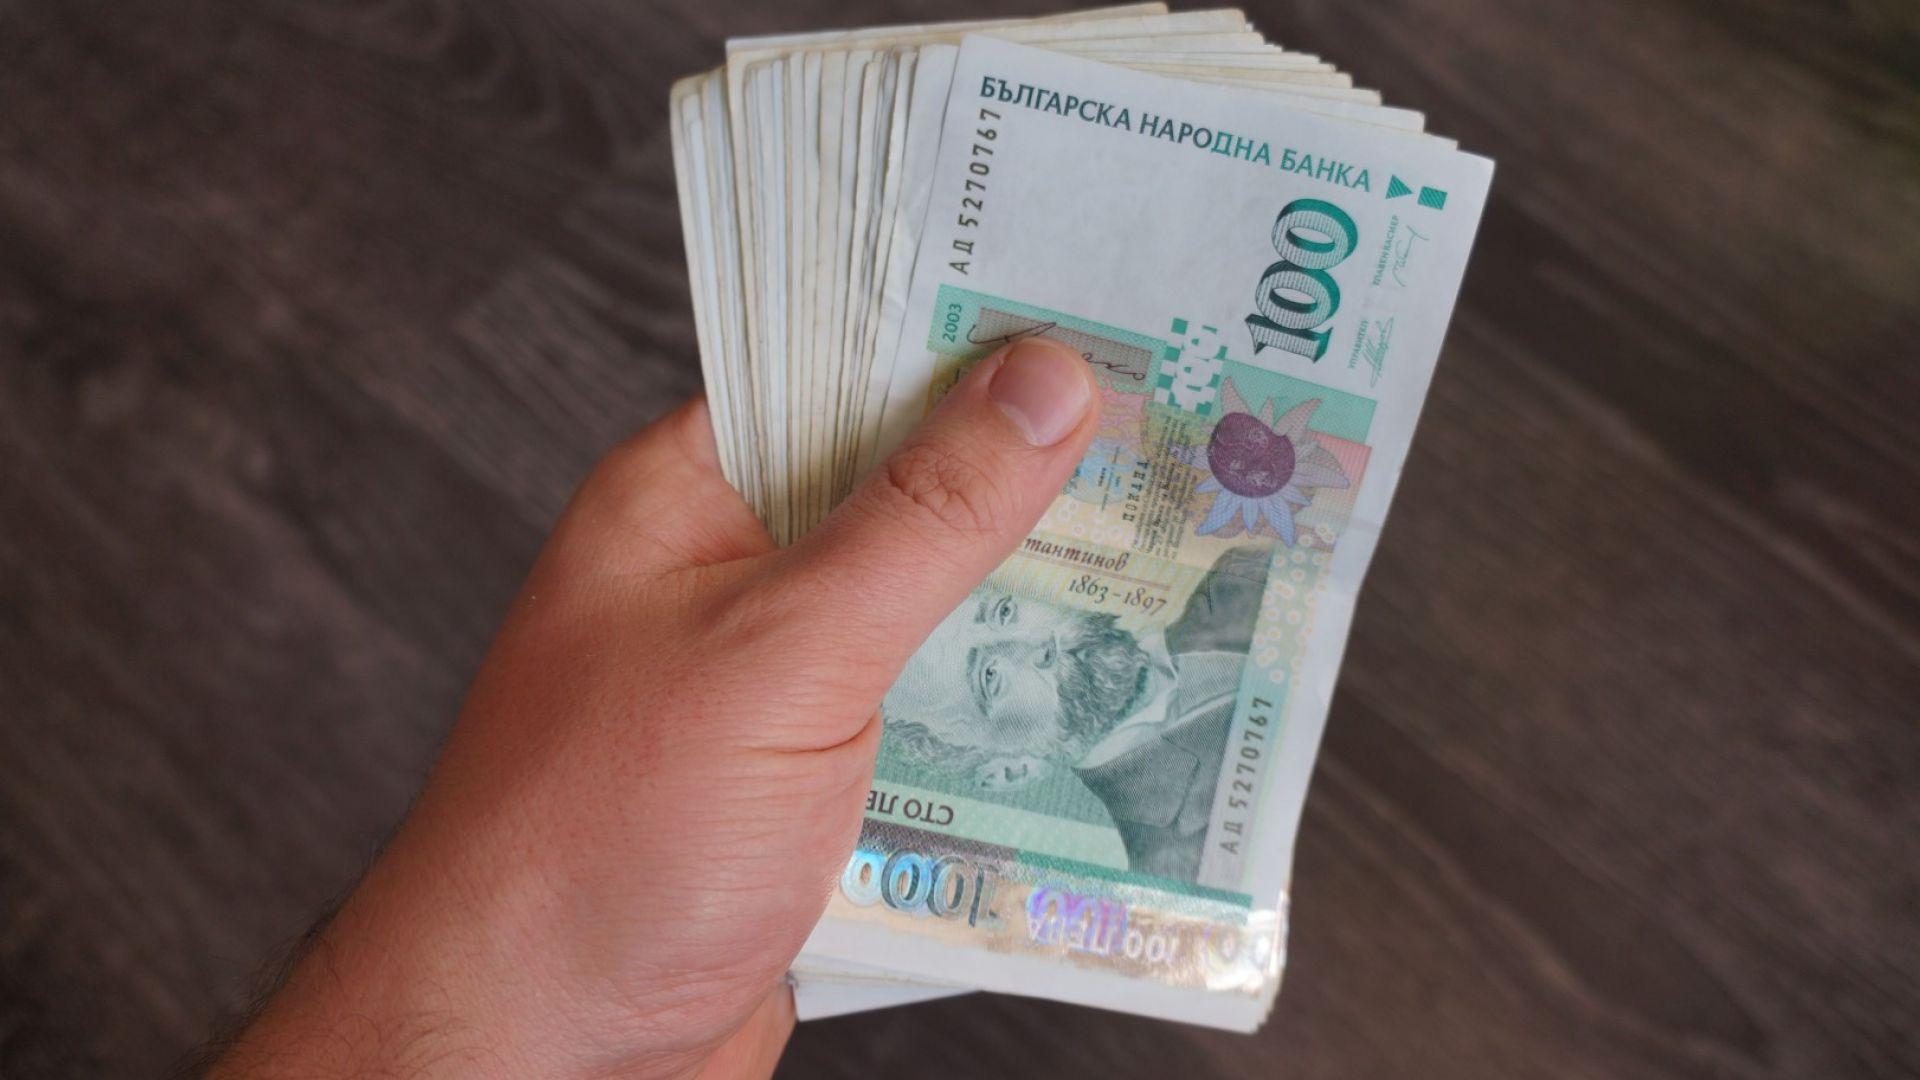 Семейство даде 22 000 лева на телефоните измамници